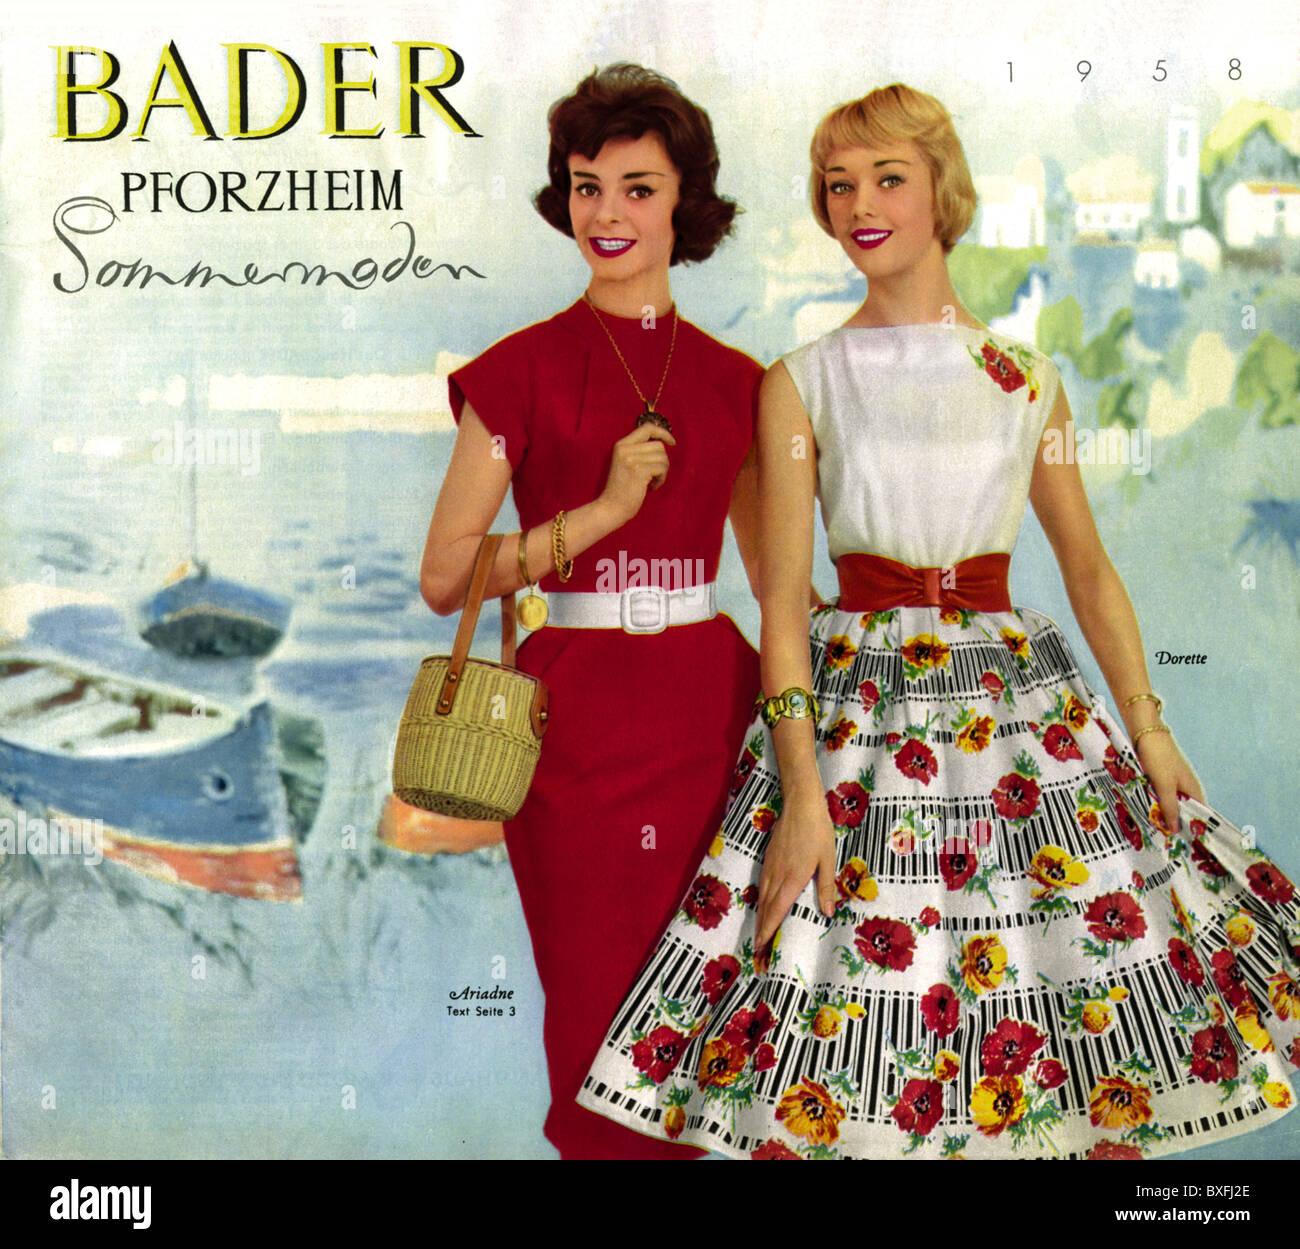 mode 1950er jahre katalog mode bader katalog sommerausgabe pforzheim deutschland 1958. Black Bedroom Furniture Sets. Home Design Ideas